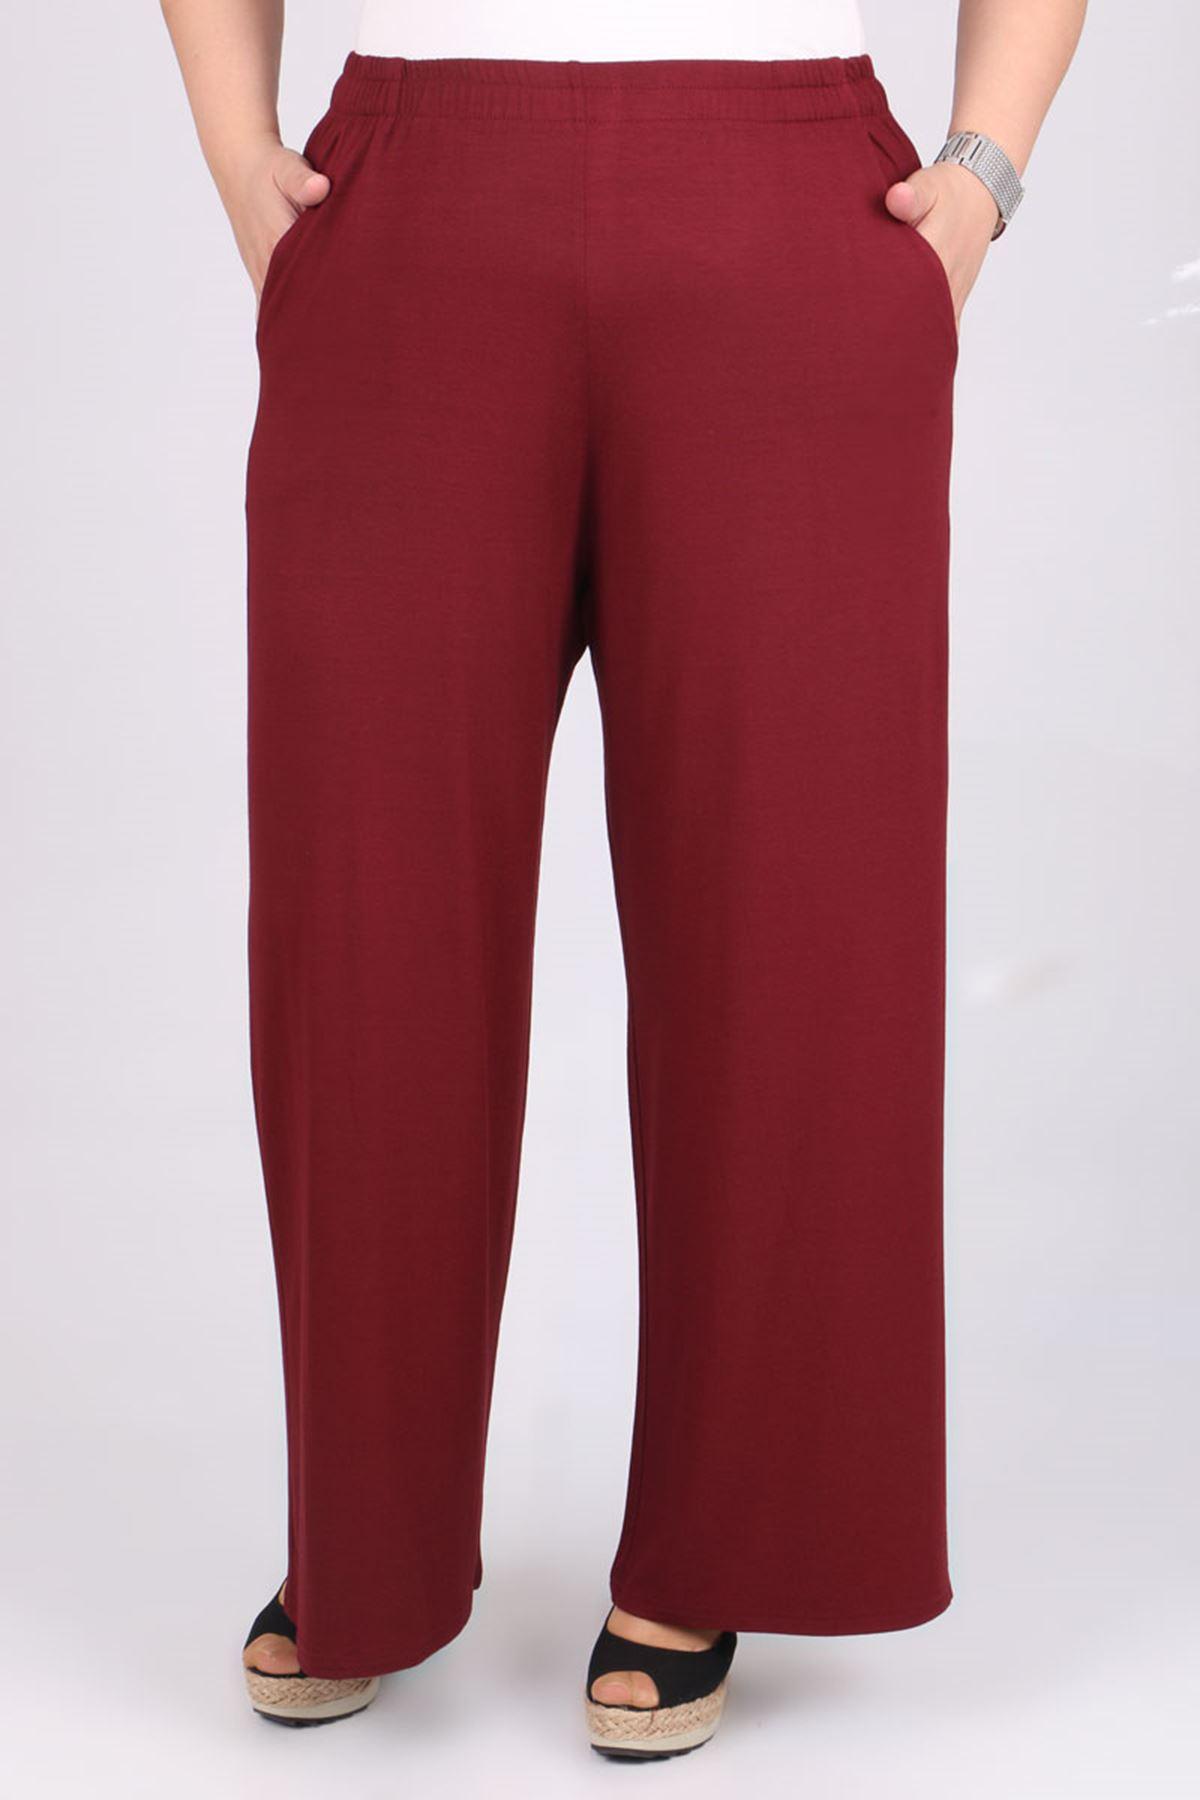 9012 Plus Size Elastic Waist Pants - Claret Red